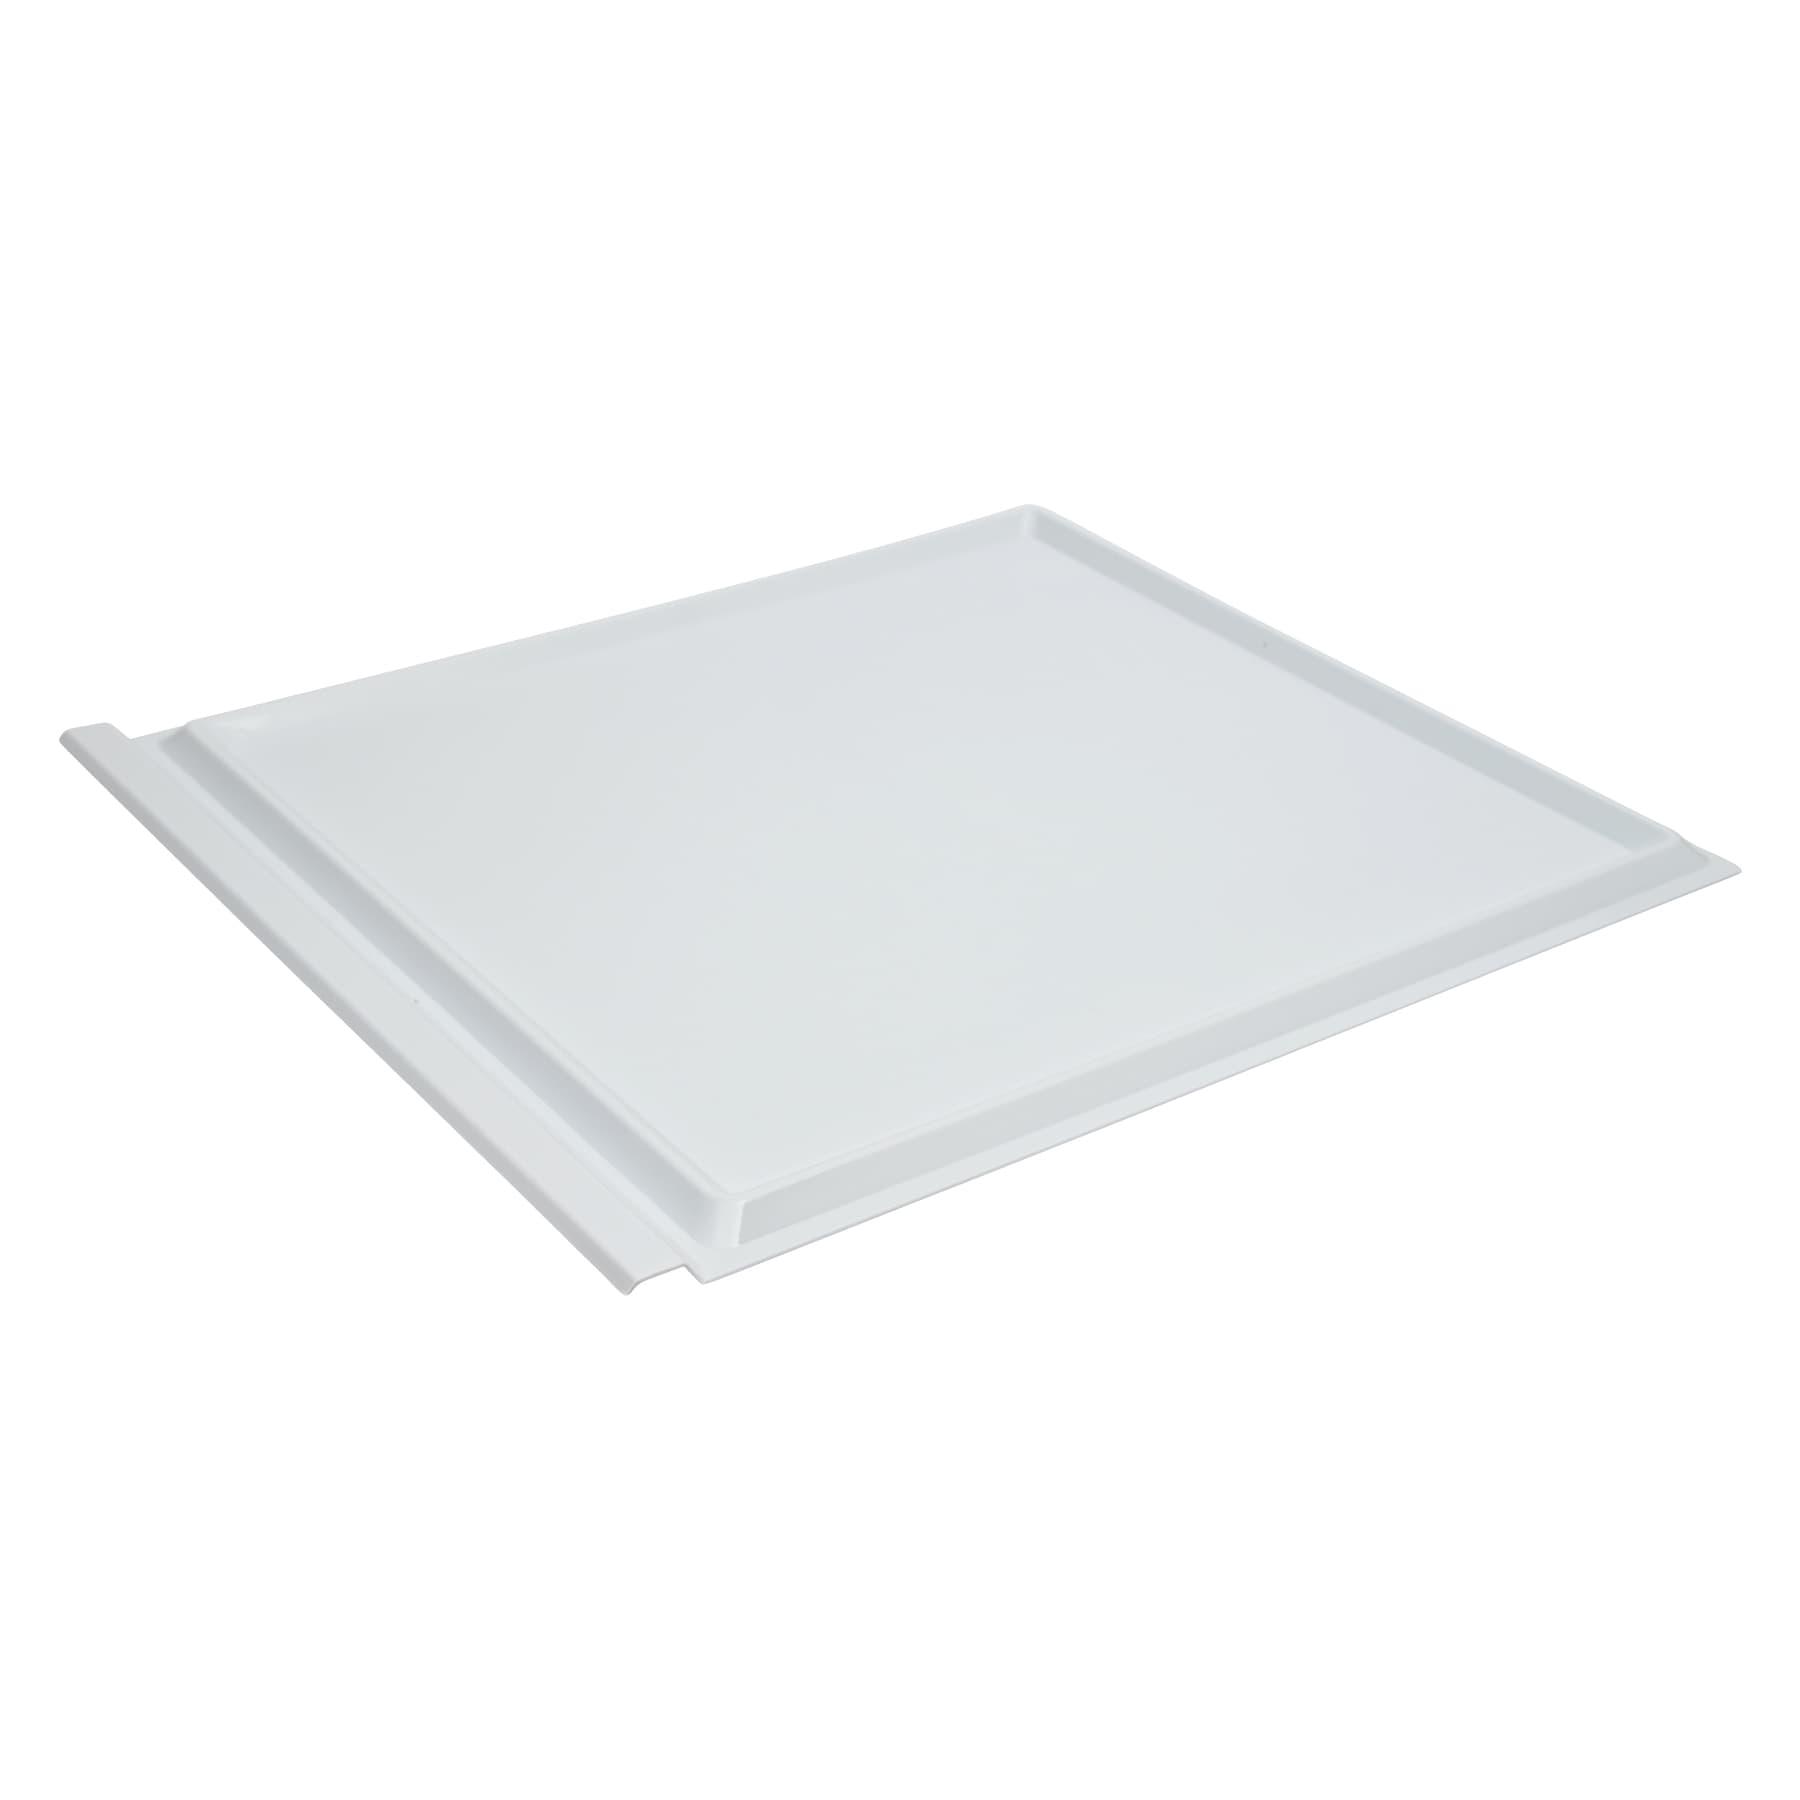 Varroauntersuchungswanne Kunststoff weiß, als Schieblade f.  Dadantbeute modifiziert 12 Waben Maße: 470 x 410 x 9 mm